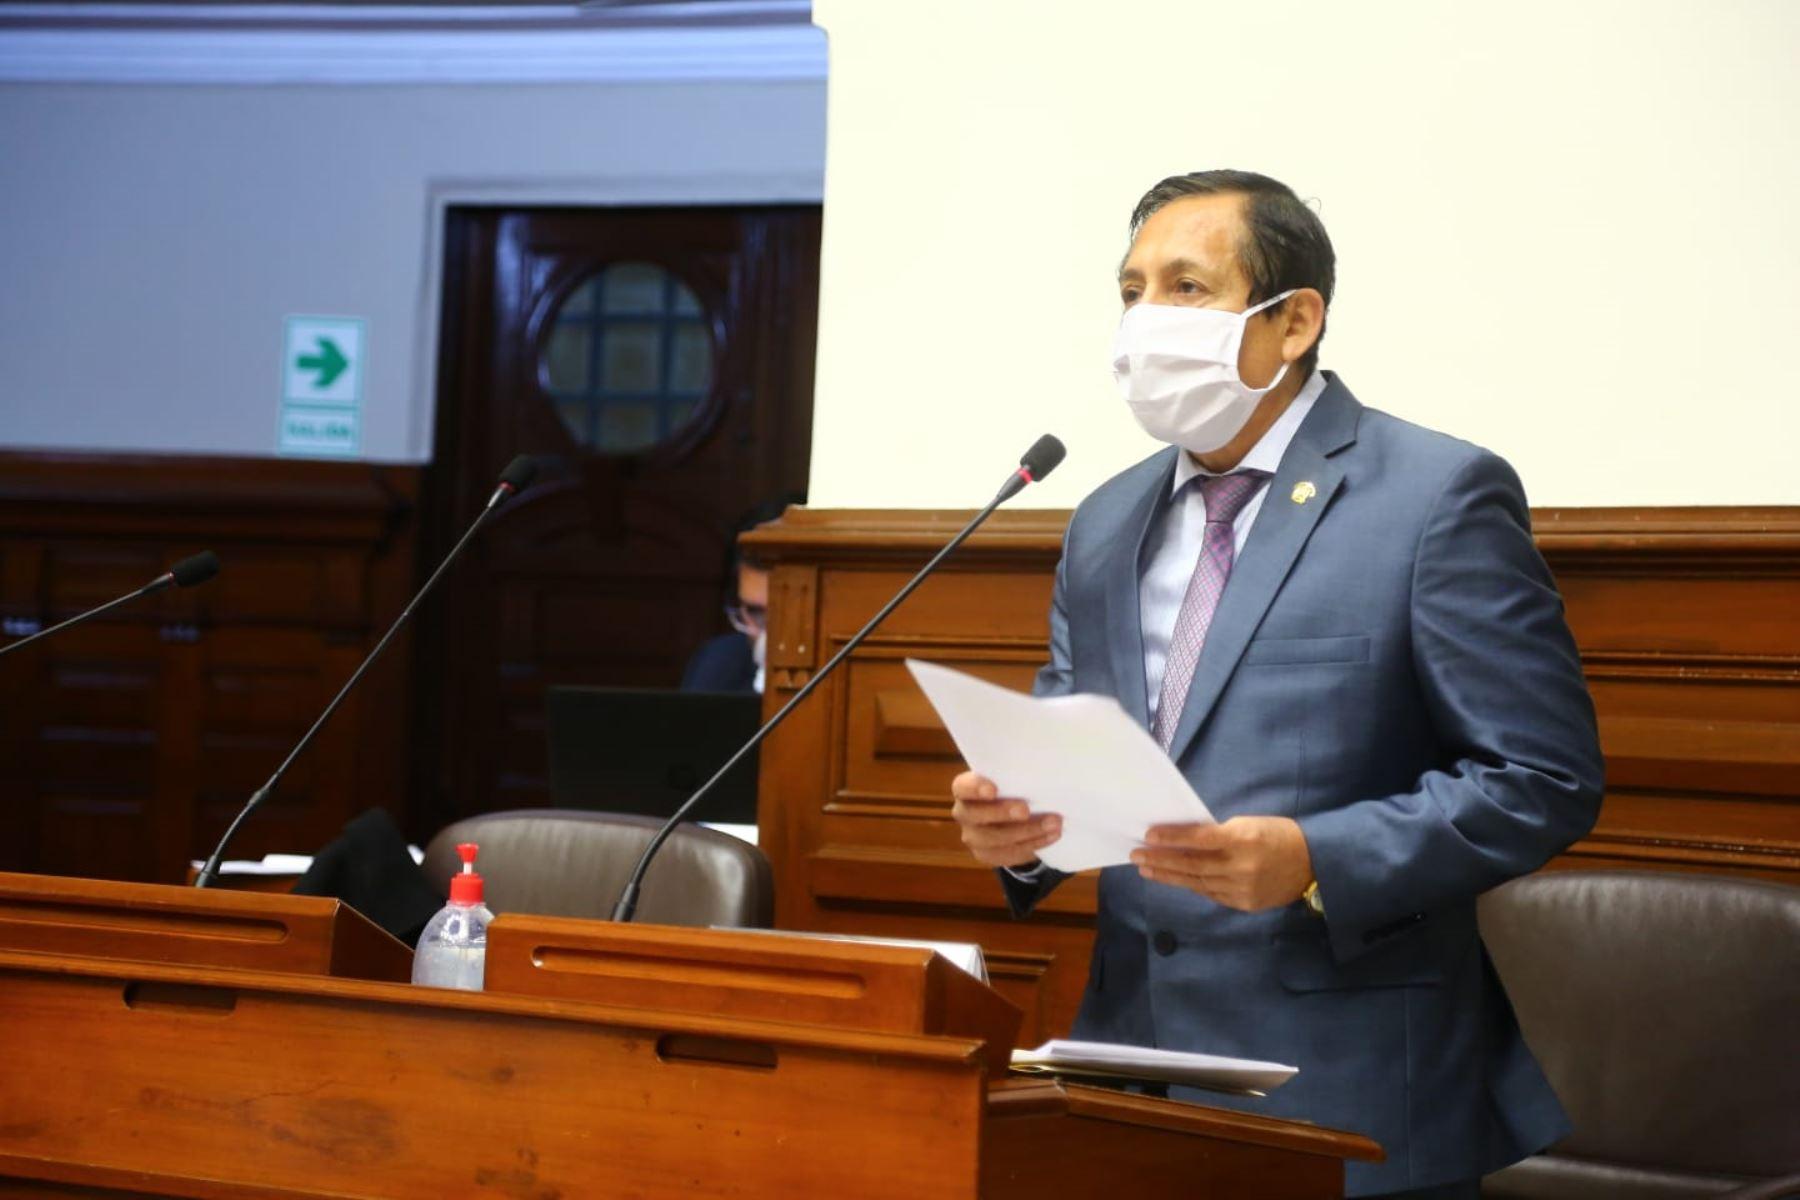 Almerí: Congreso continuará con elección del TC, pese a fallo del PJ